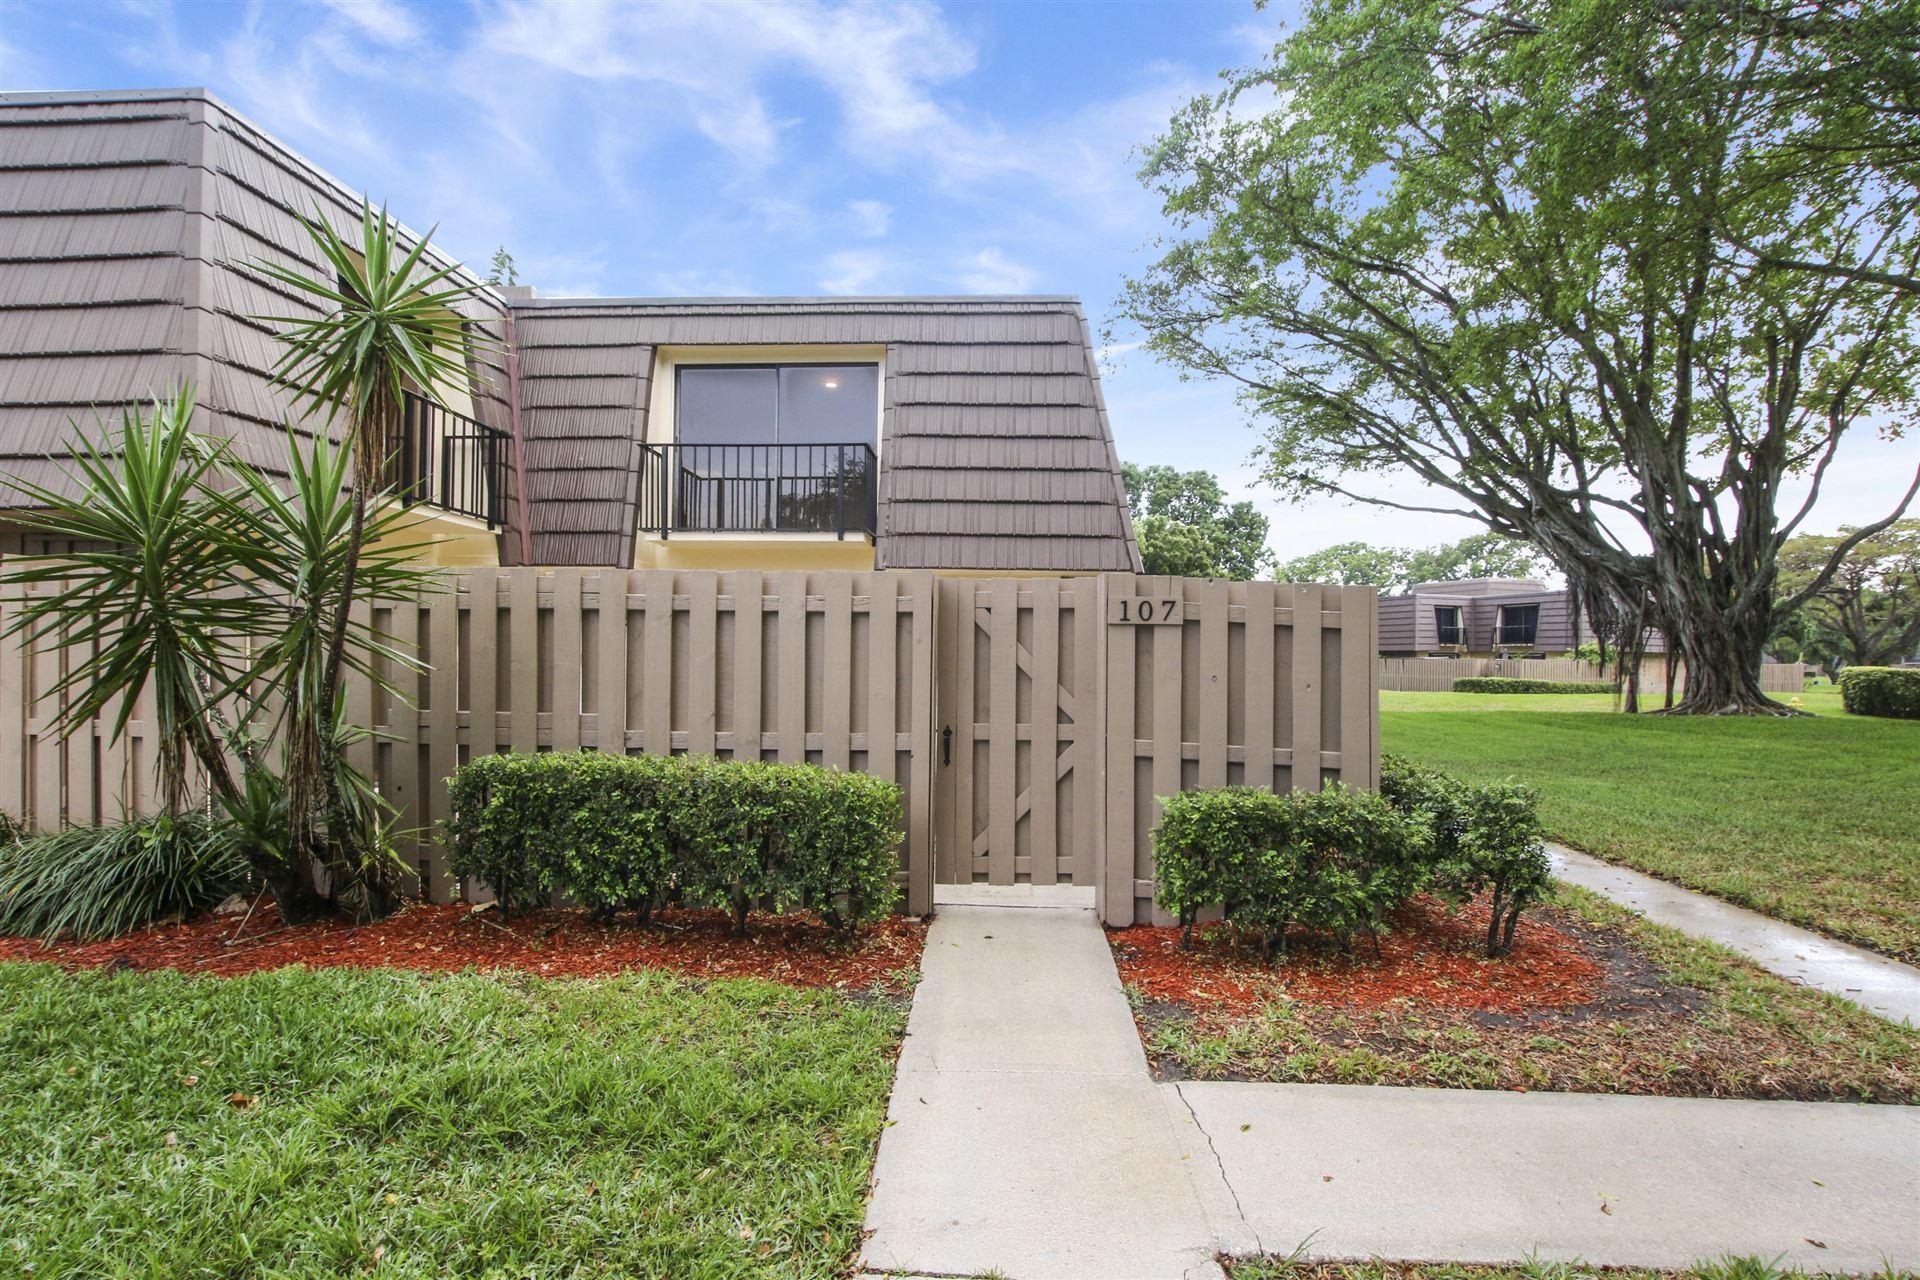 Photo of 107 1st Court, Palm Beach Gardens, FL 33410 (MLS # RX-10716221)